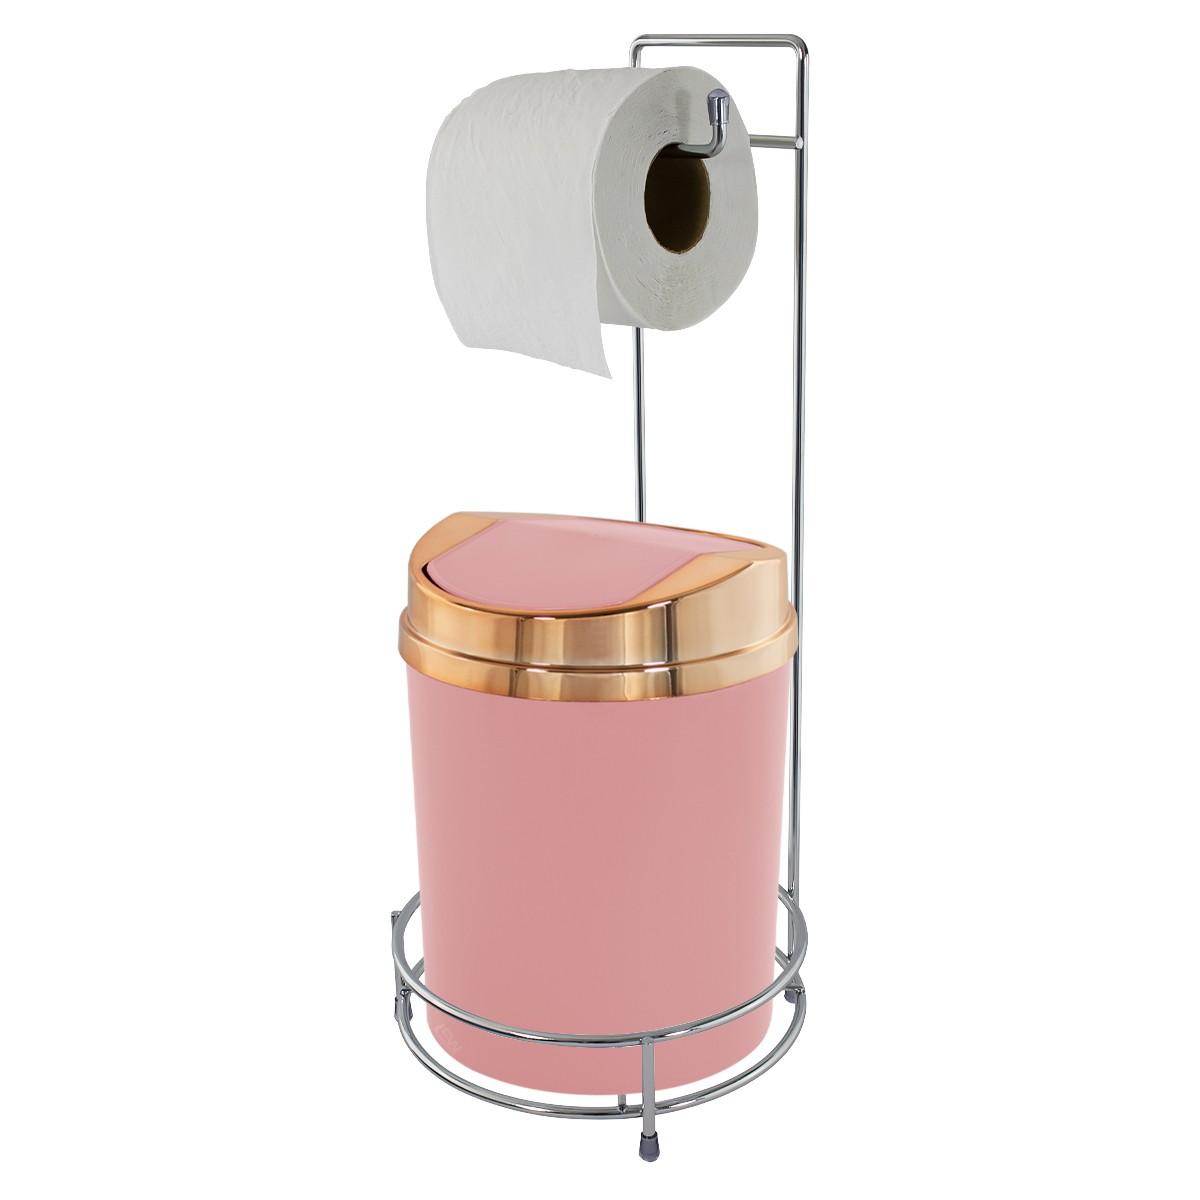 Suporte Para Papel Higiênico Com Lixeira Basculante Rosé Gold 5 Litros